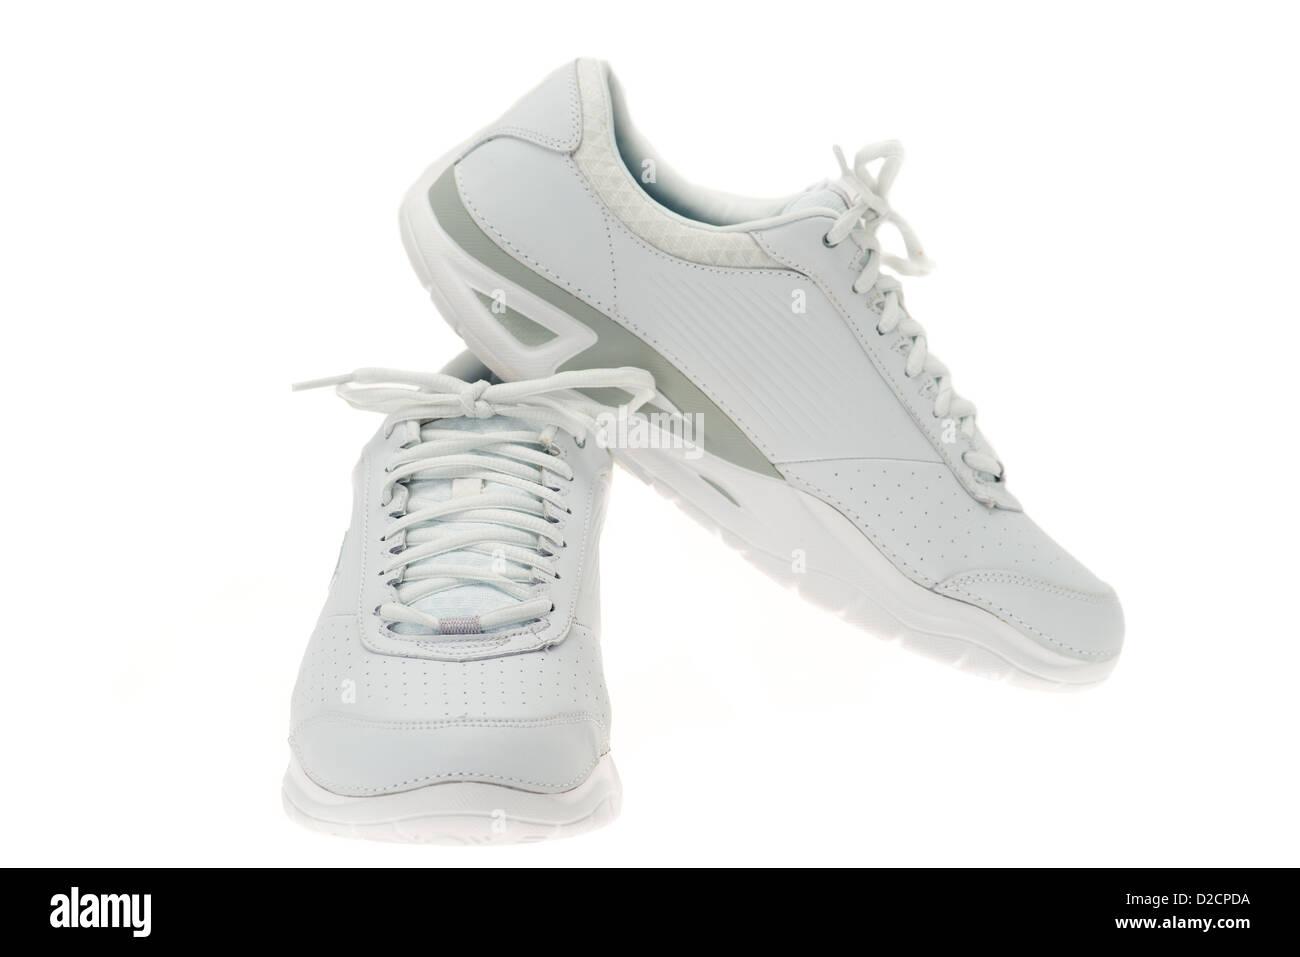 Une paire de nouvelles chaussures de sport blanc - une pièce lumineuse studio shot avec un fond blanc Photo Stock